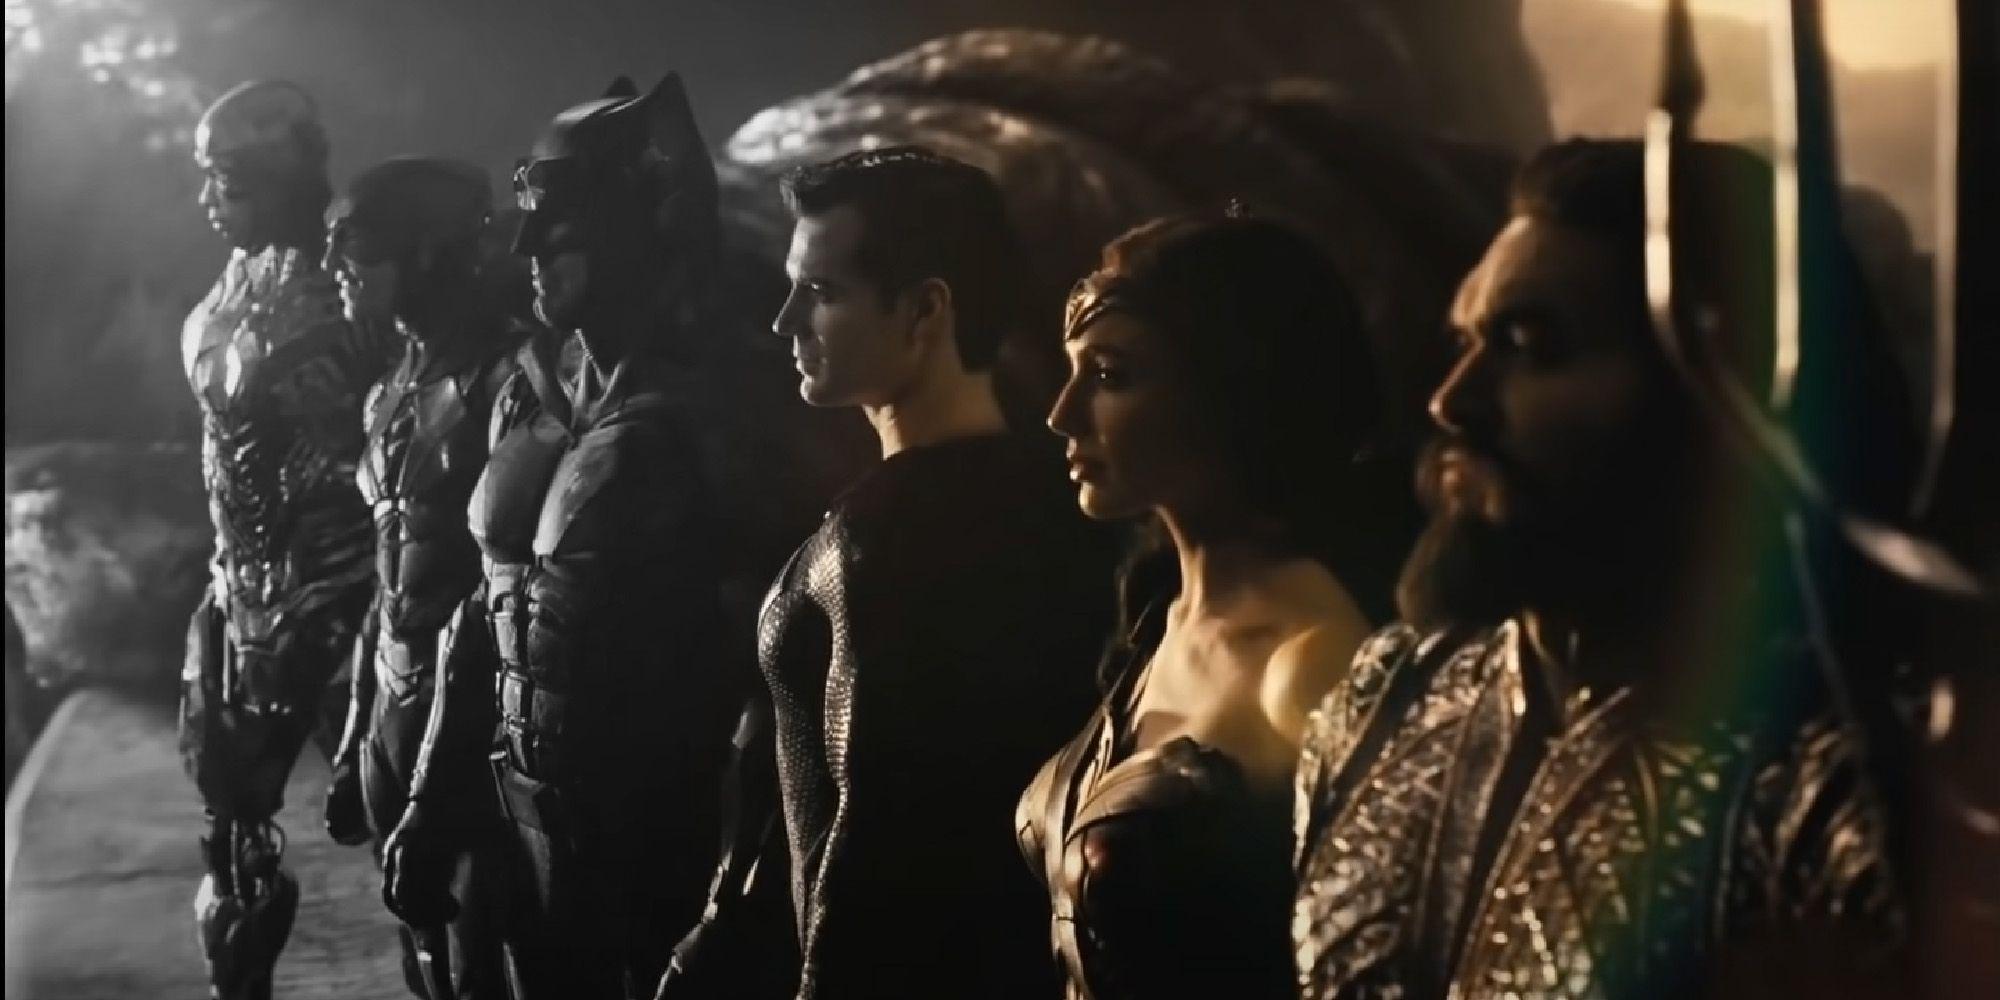 Zack Snyder confirma por que a Liga da Justiça terminará de forma angustiante 1